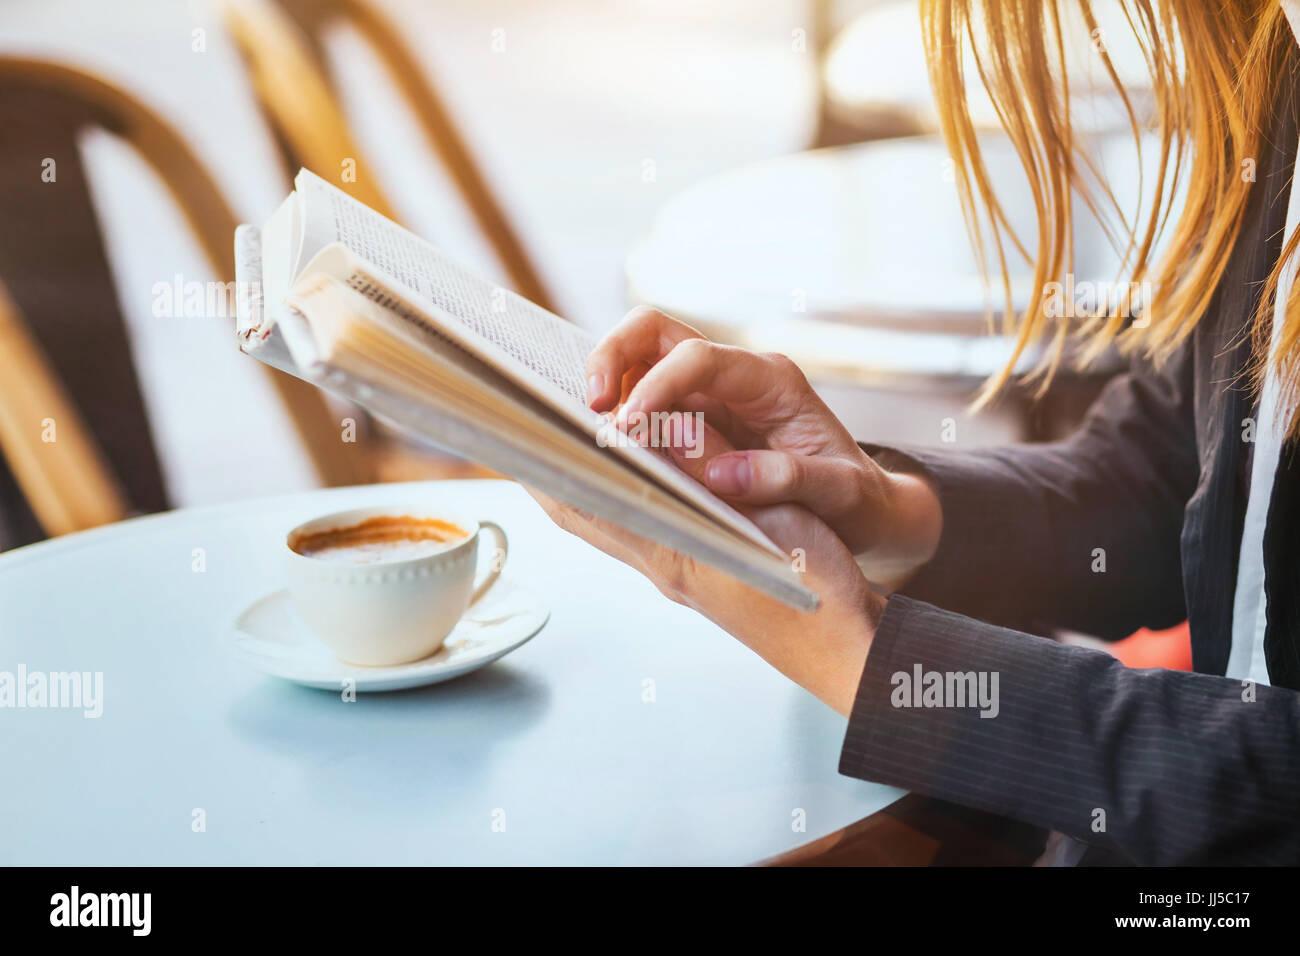 Frau Hände halten ein Buch lesen Konzept, Nahaufnahme Stockbild